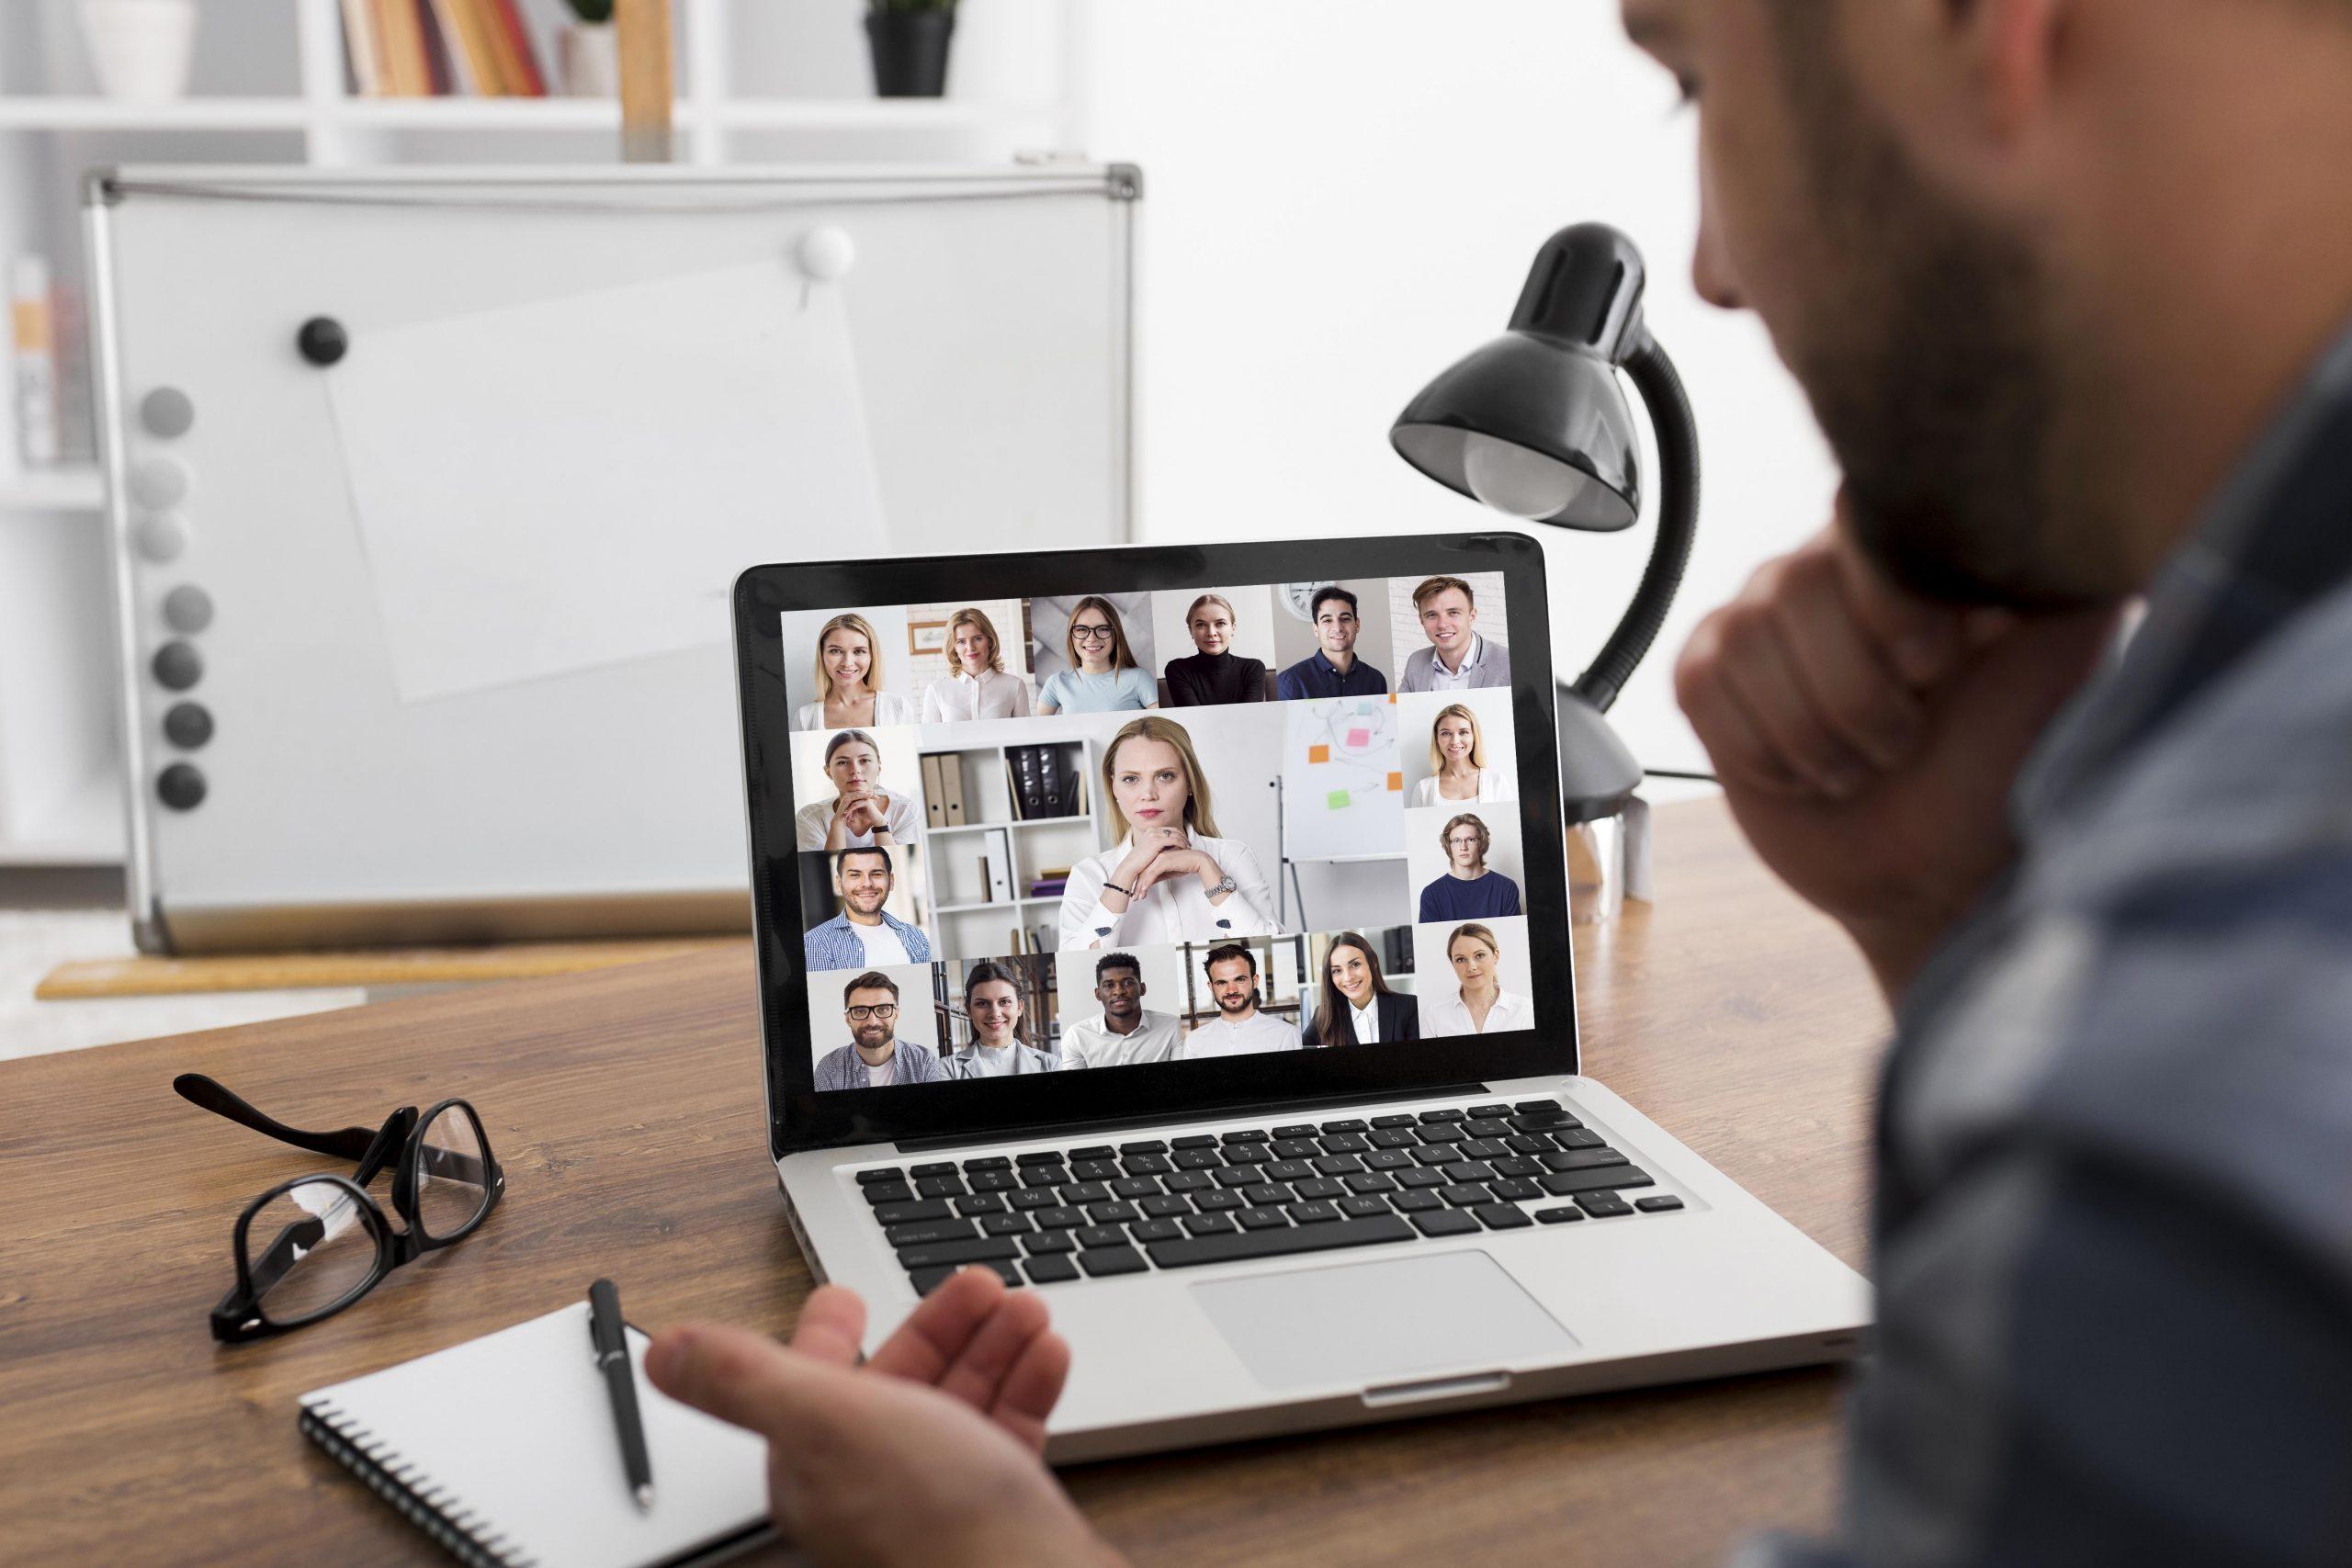 Mann in einer Video-Konferenz Home-Office